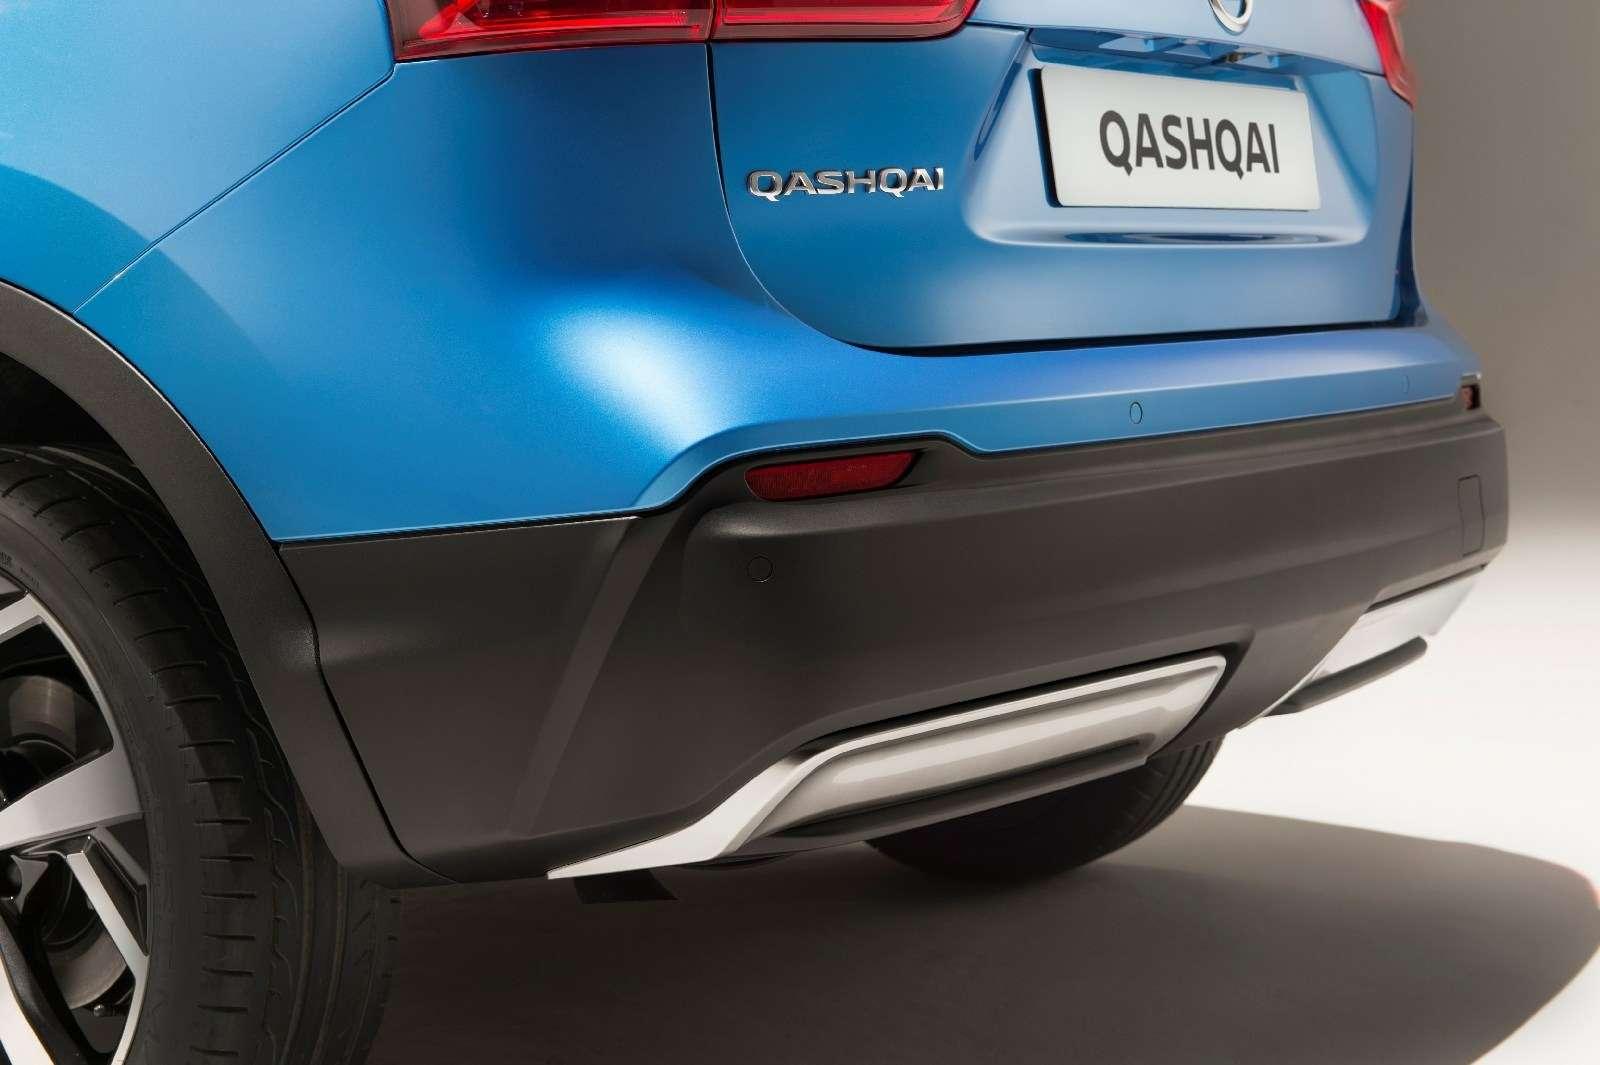 Обновленный Nissan Qashqai: европейский бестселлер самериканским лицом— фото 717713